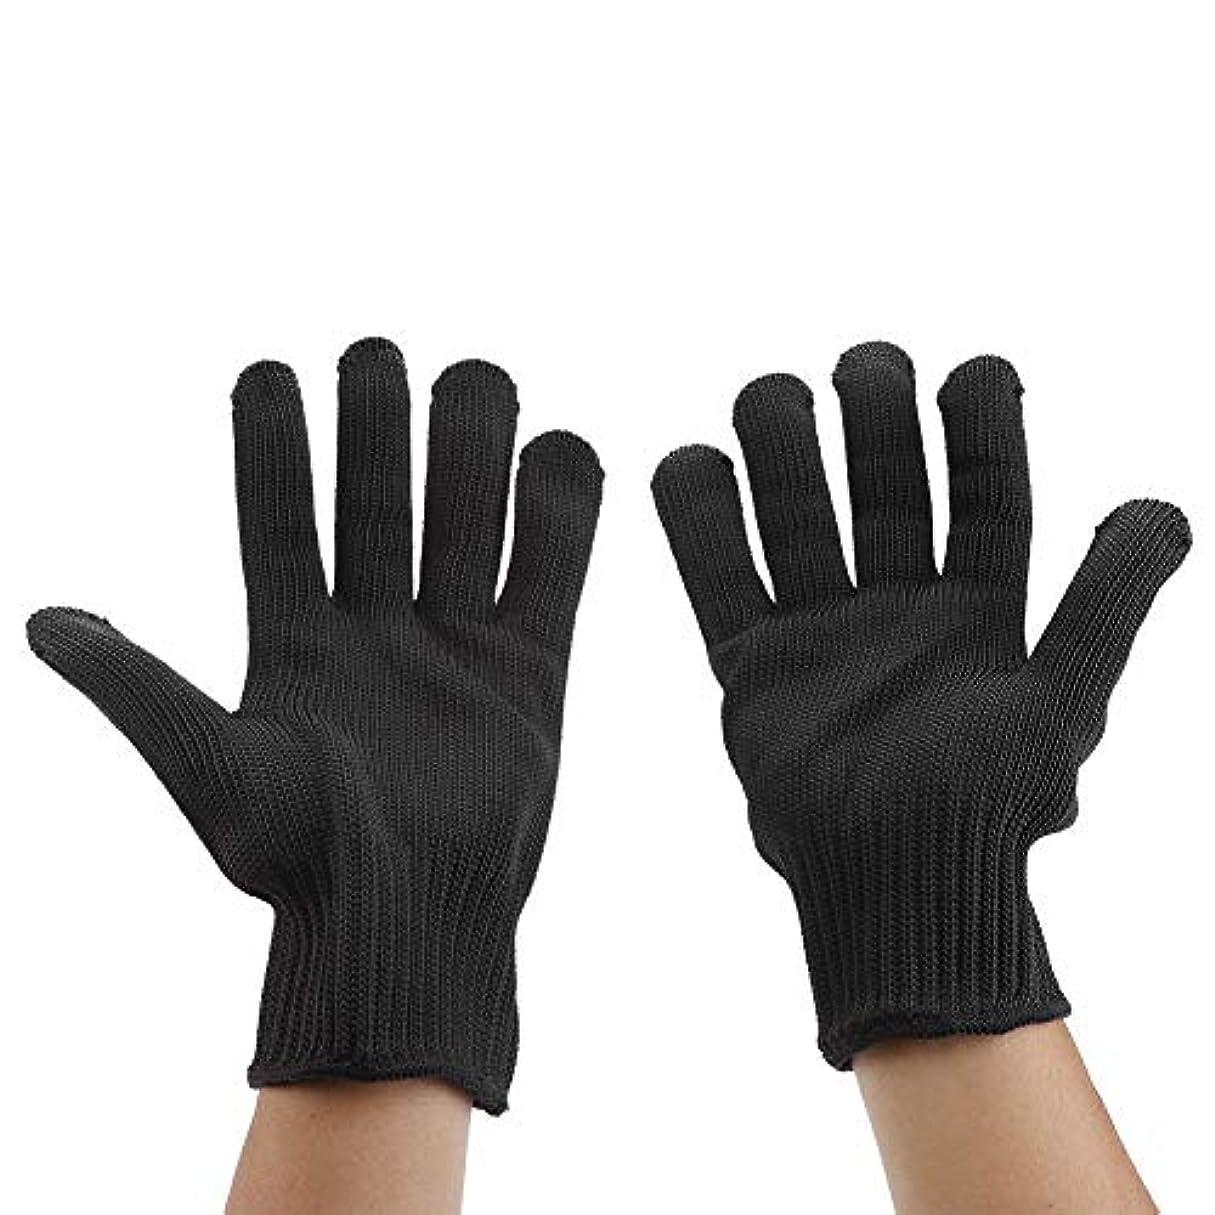 行進ファンタジー好むカット耐性手袋、食品等級レベル5保護、台所用安全性カット手袋、マンドリンスライス、魚切り身、オイスターシャック、肉切りと木彫り(1ペア)(#3)